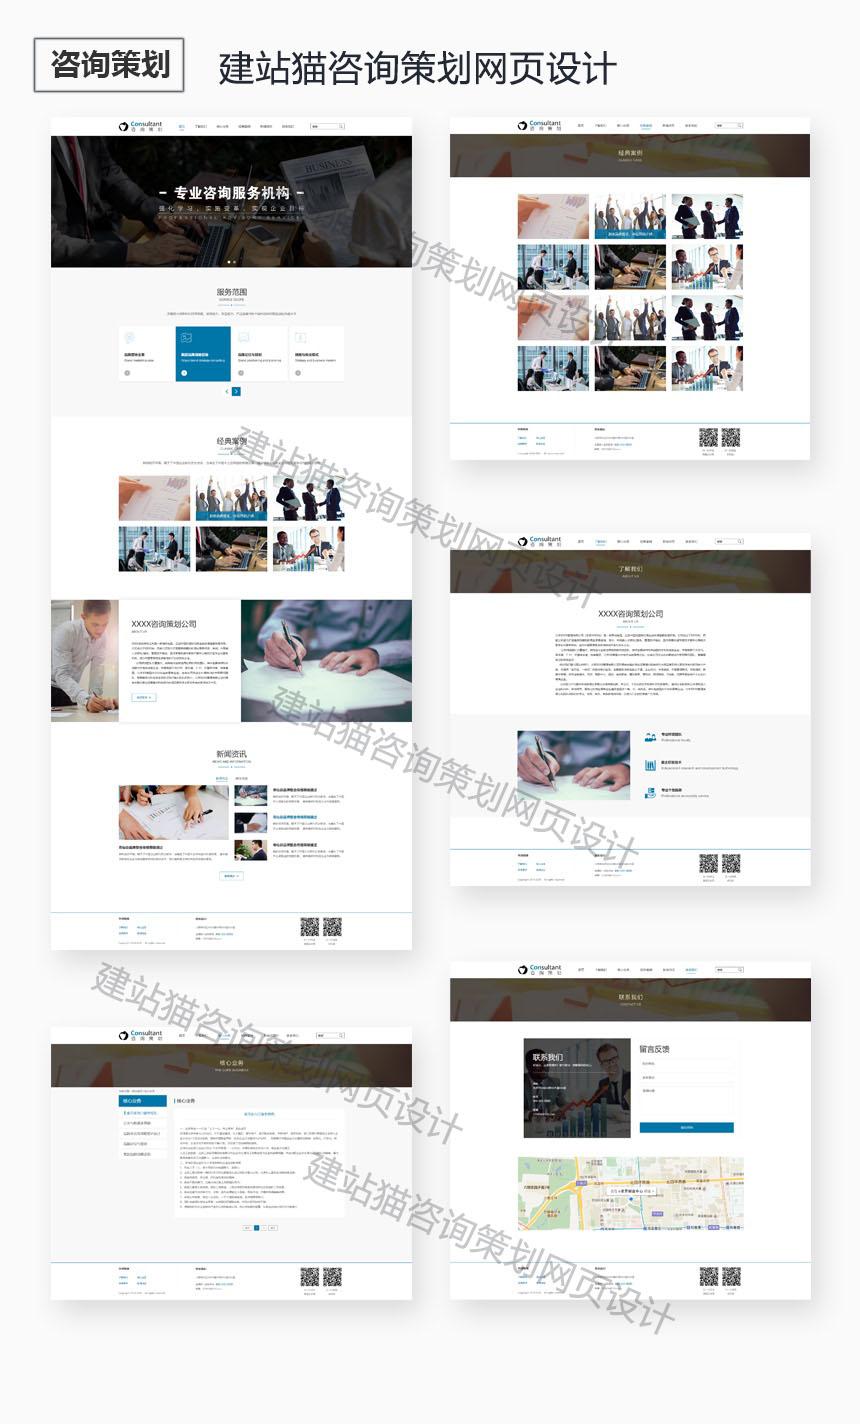 咨询策划网页设计2018.7月4期